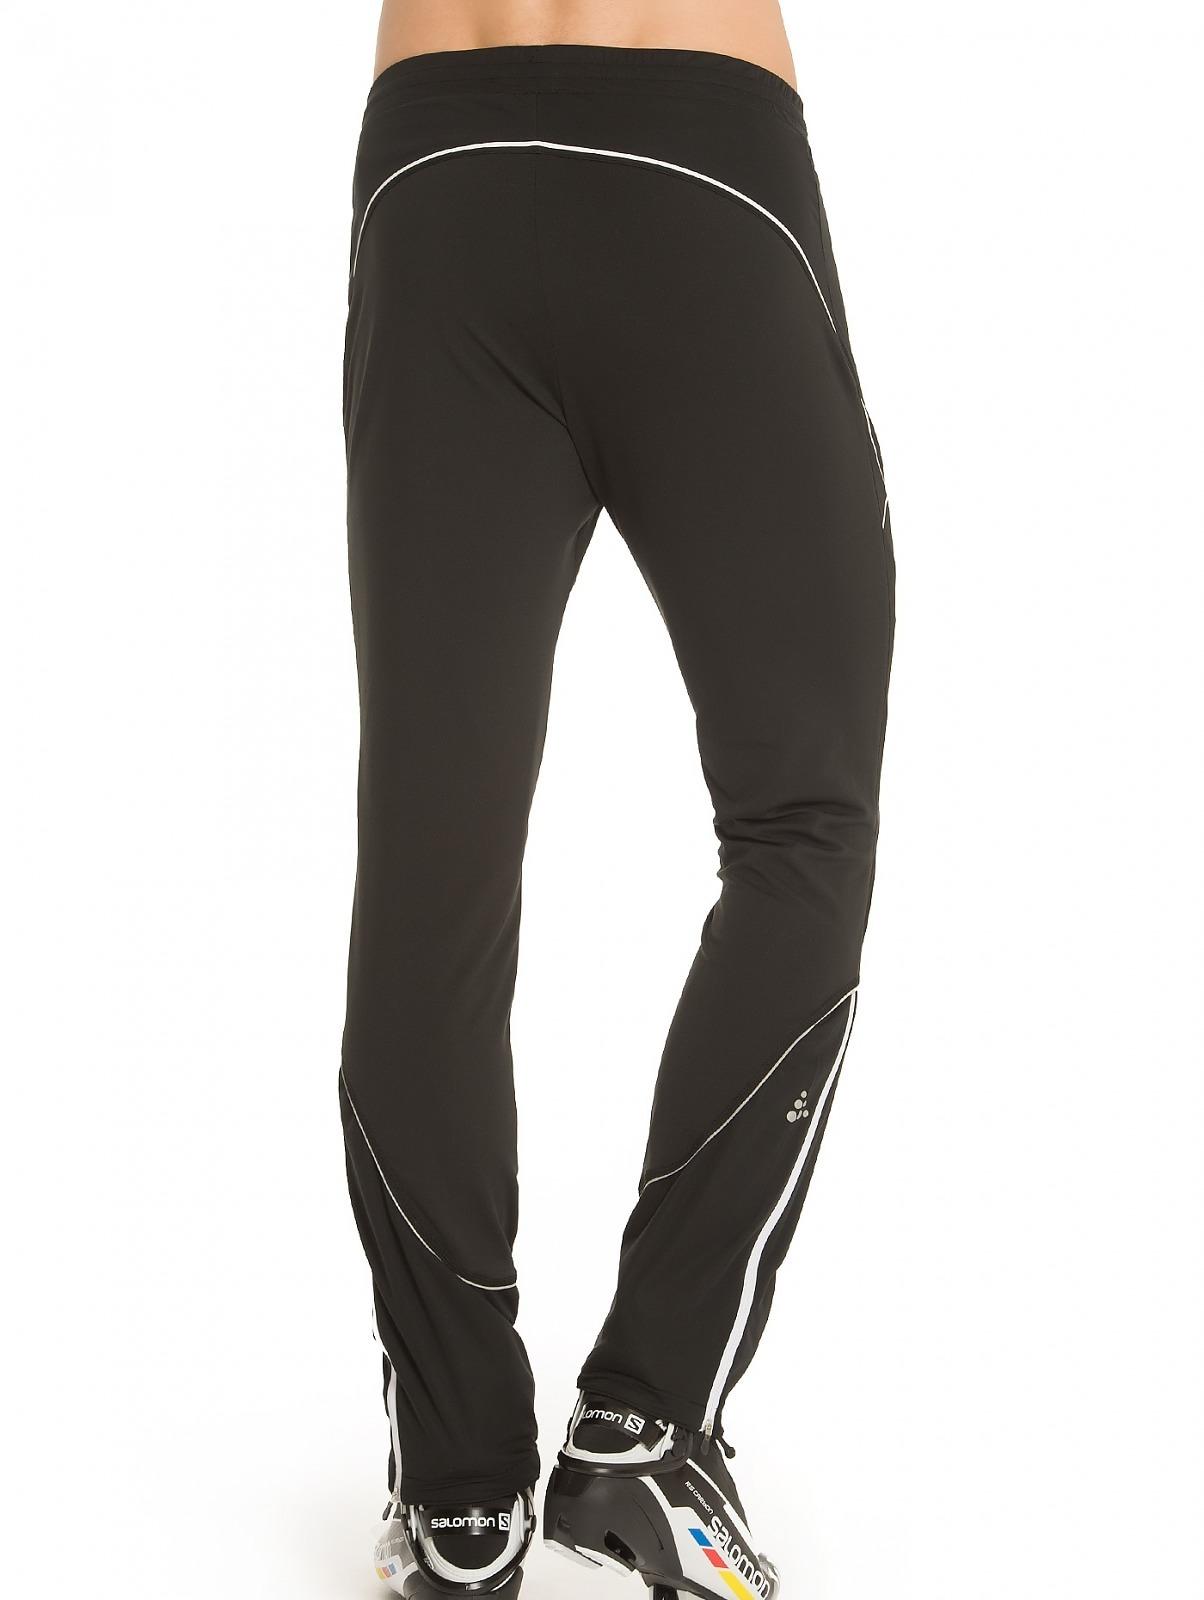 Элитный тренировочный костюм для бега зимой Craft High Function черный